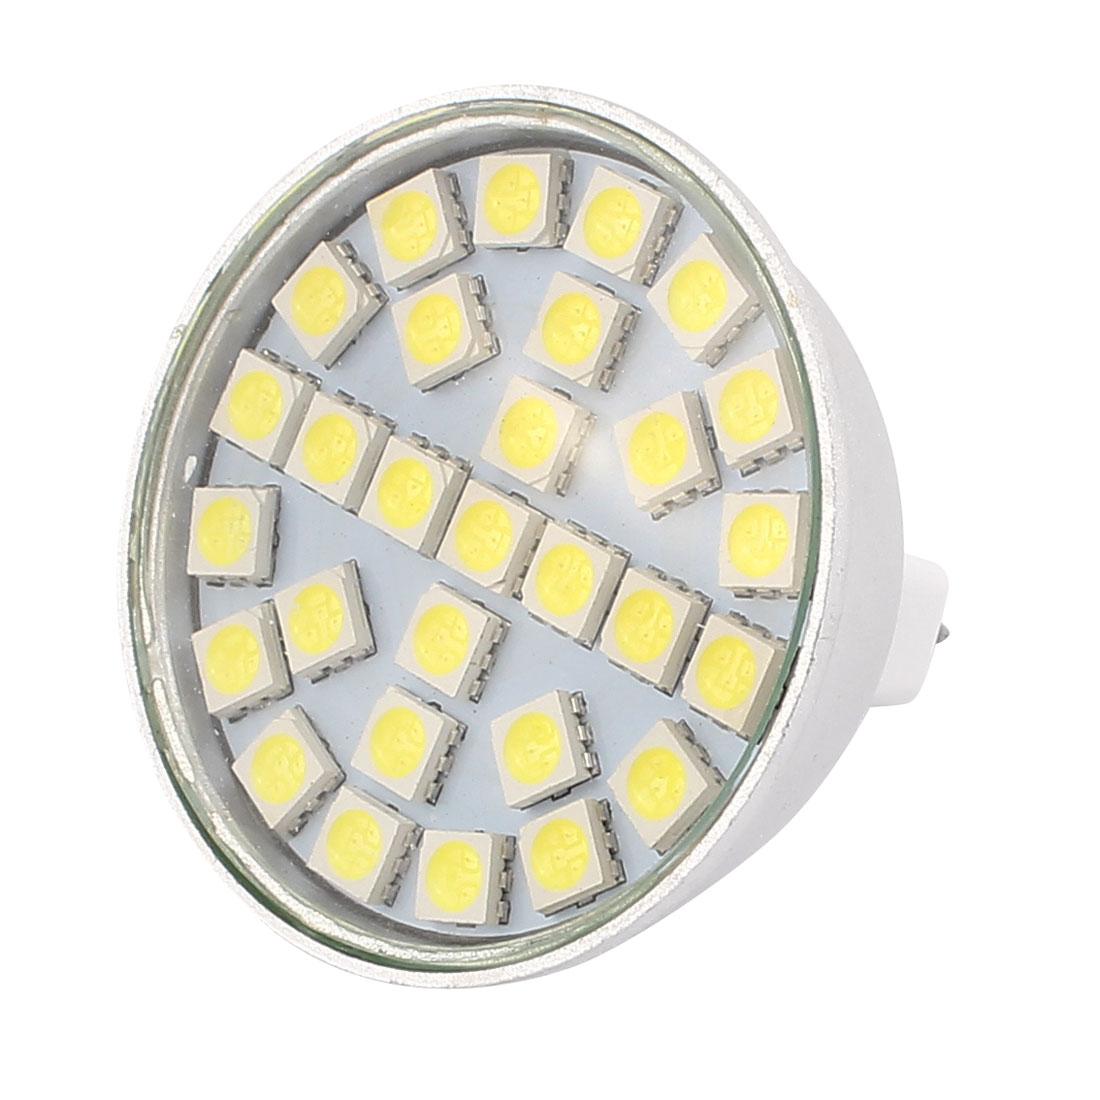 MR16 SMD5050 29LEDs Aluminum Energy Saving LED Lamp Bulb White AC 110V 5W